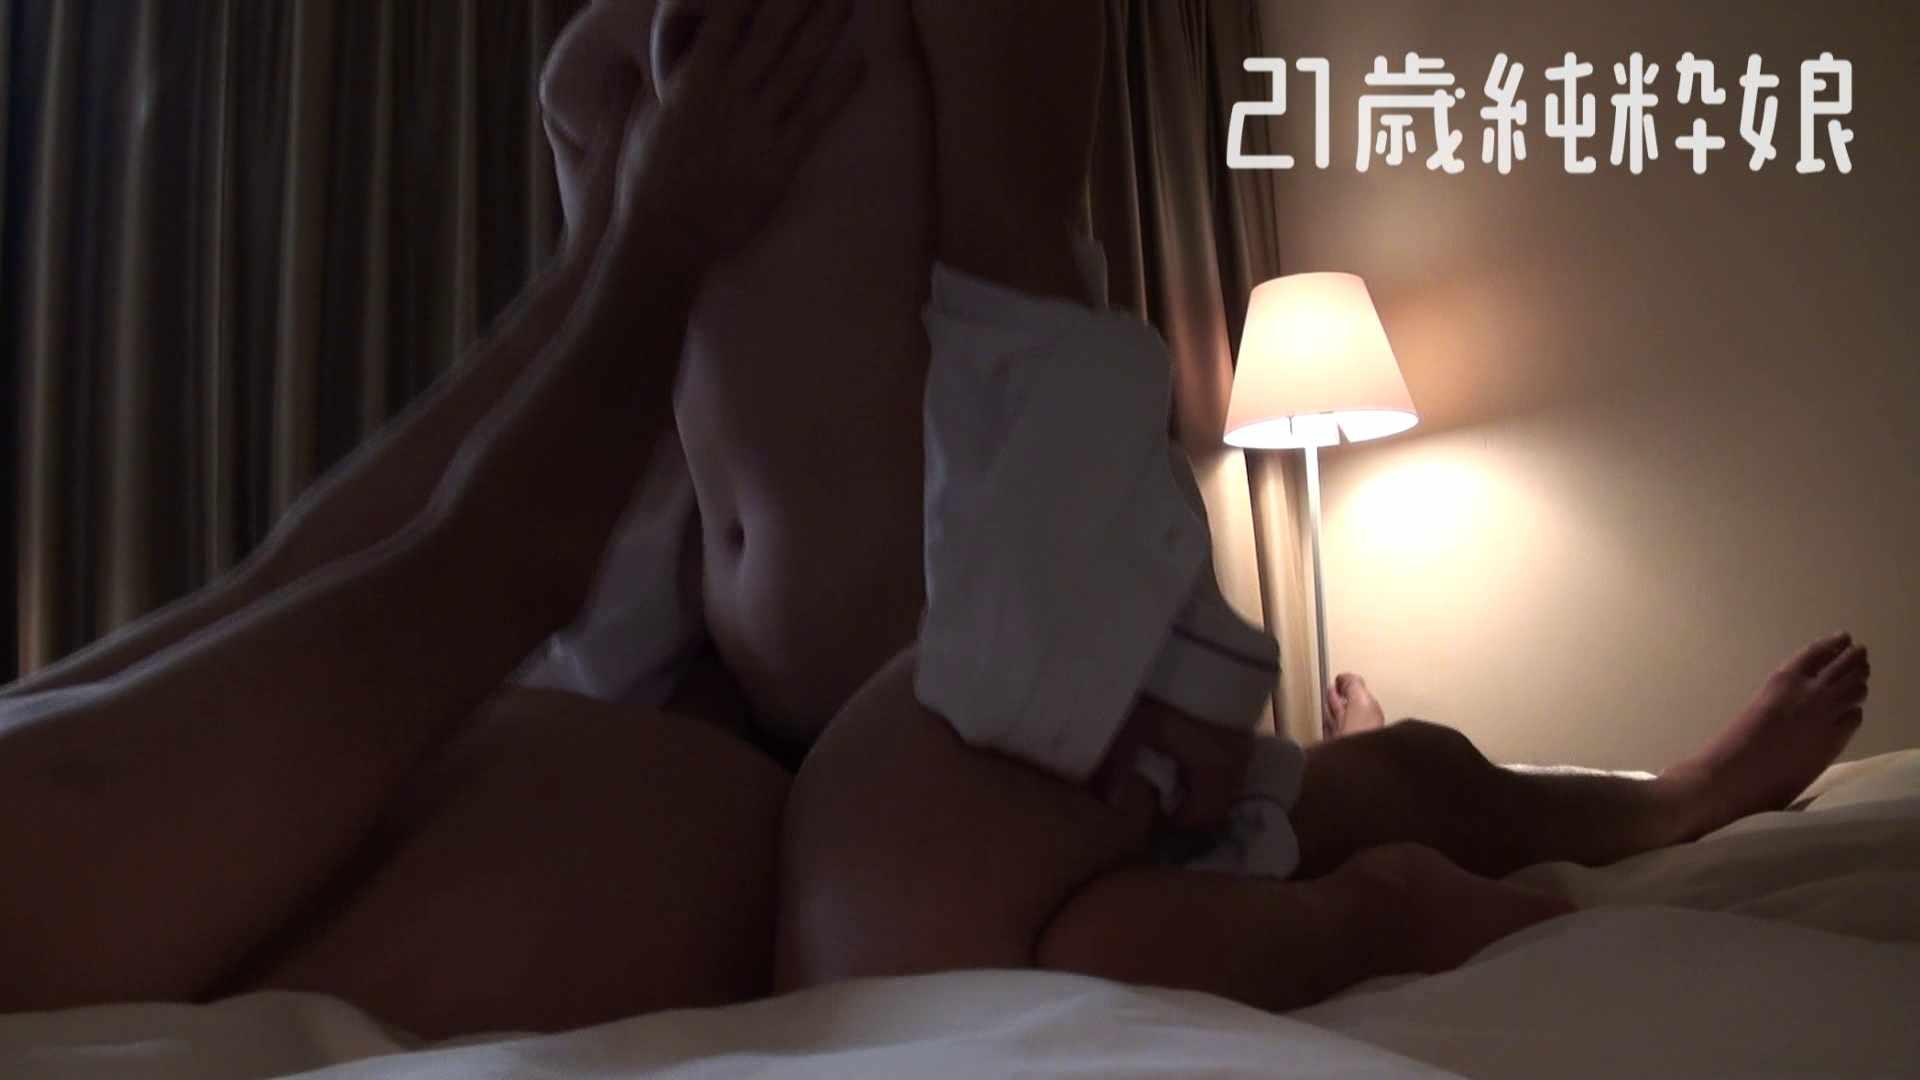 アダルトエロ動画 上京したばかりのGカップ21歳純粋嬢を都合の良い女にしてみた2 大奥